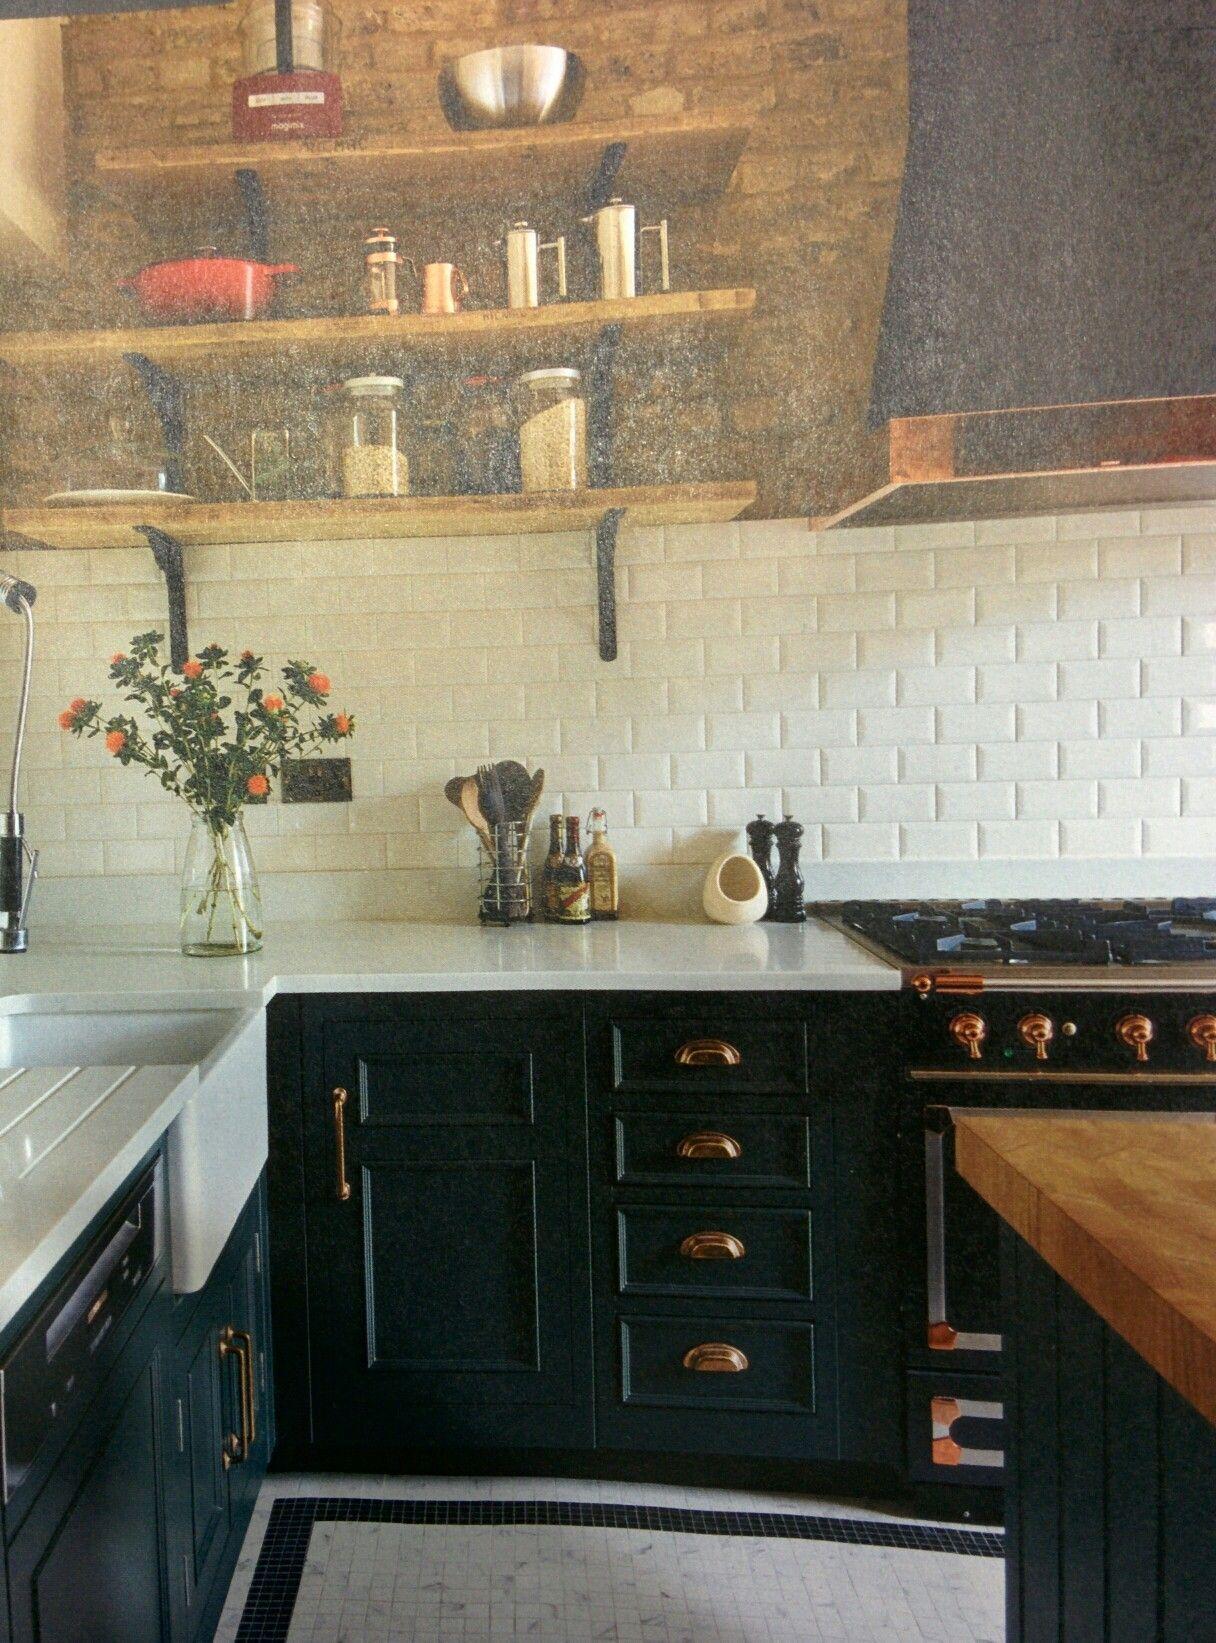 Harvey Jones Kitchen With Copper Handles And Dark Blue Cupboards Kitchen Decor Inspiration Copper Kitchen Kitchen